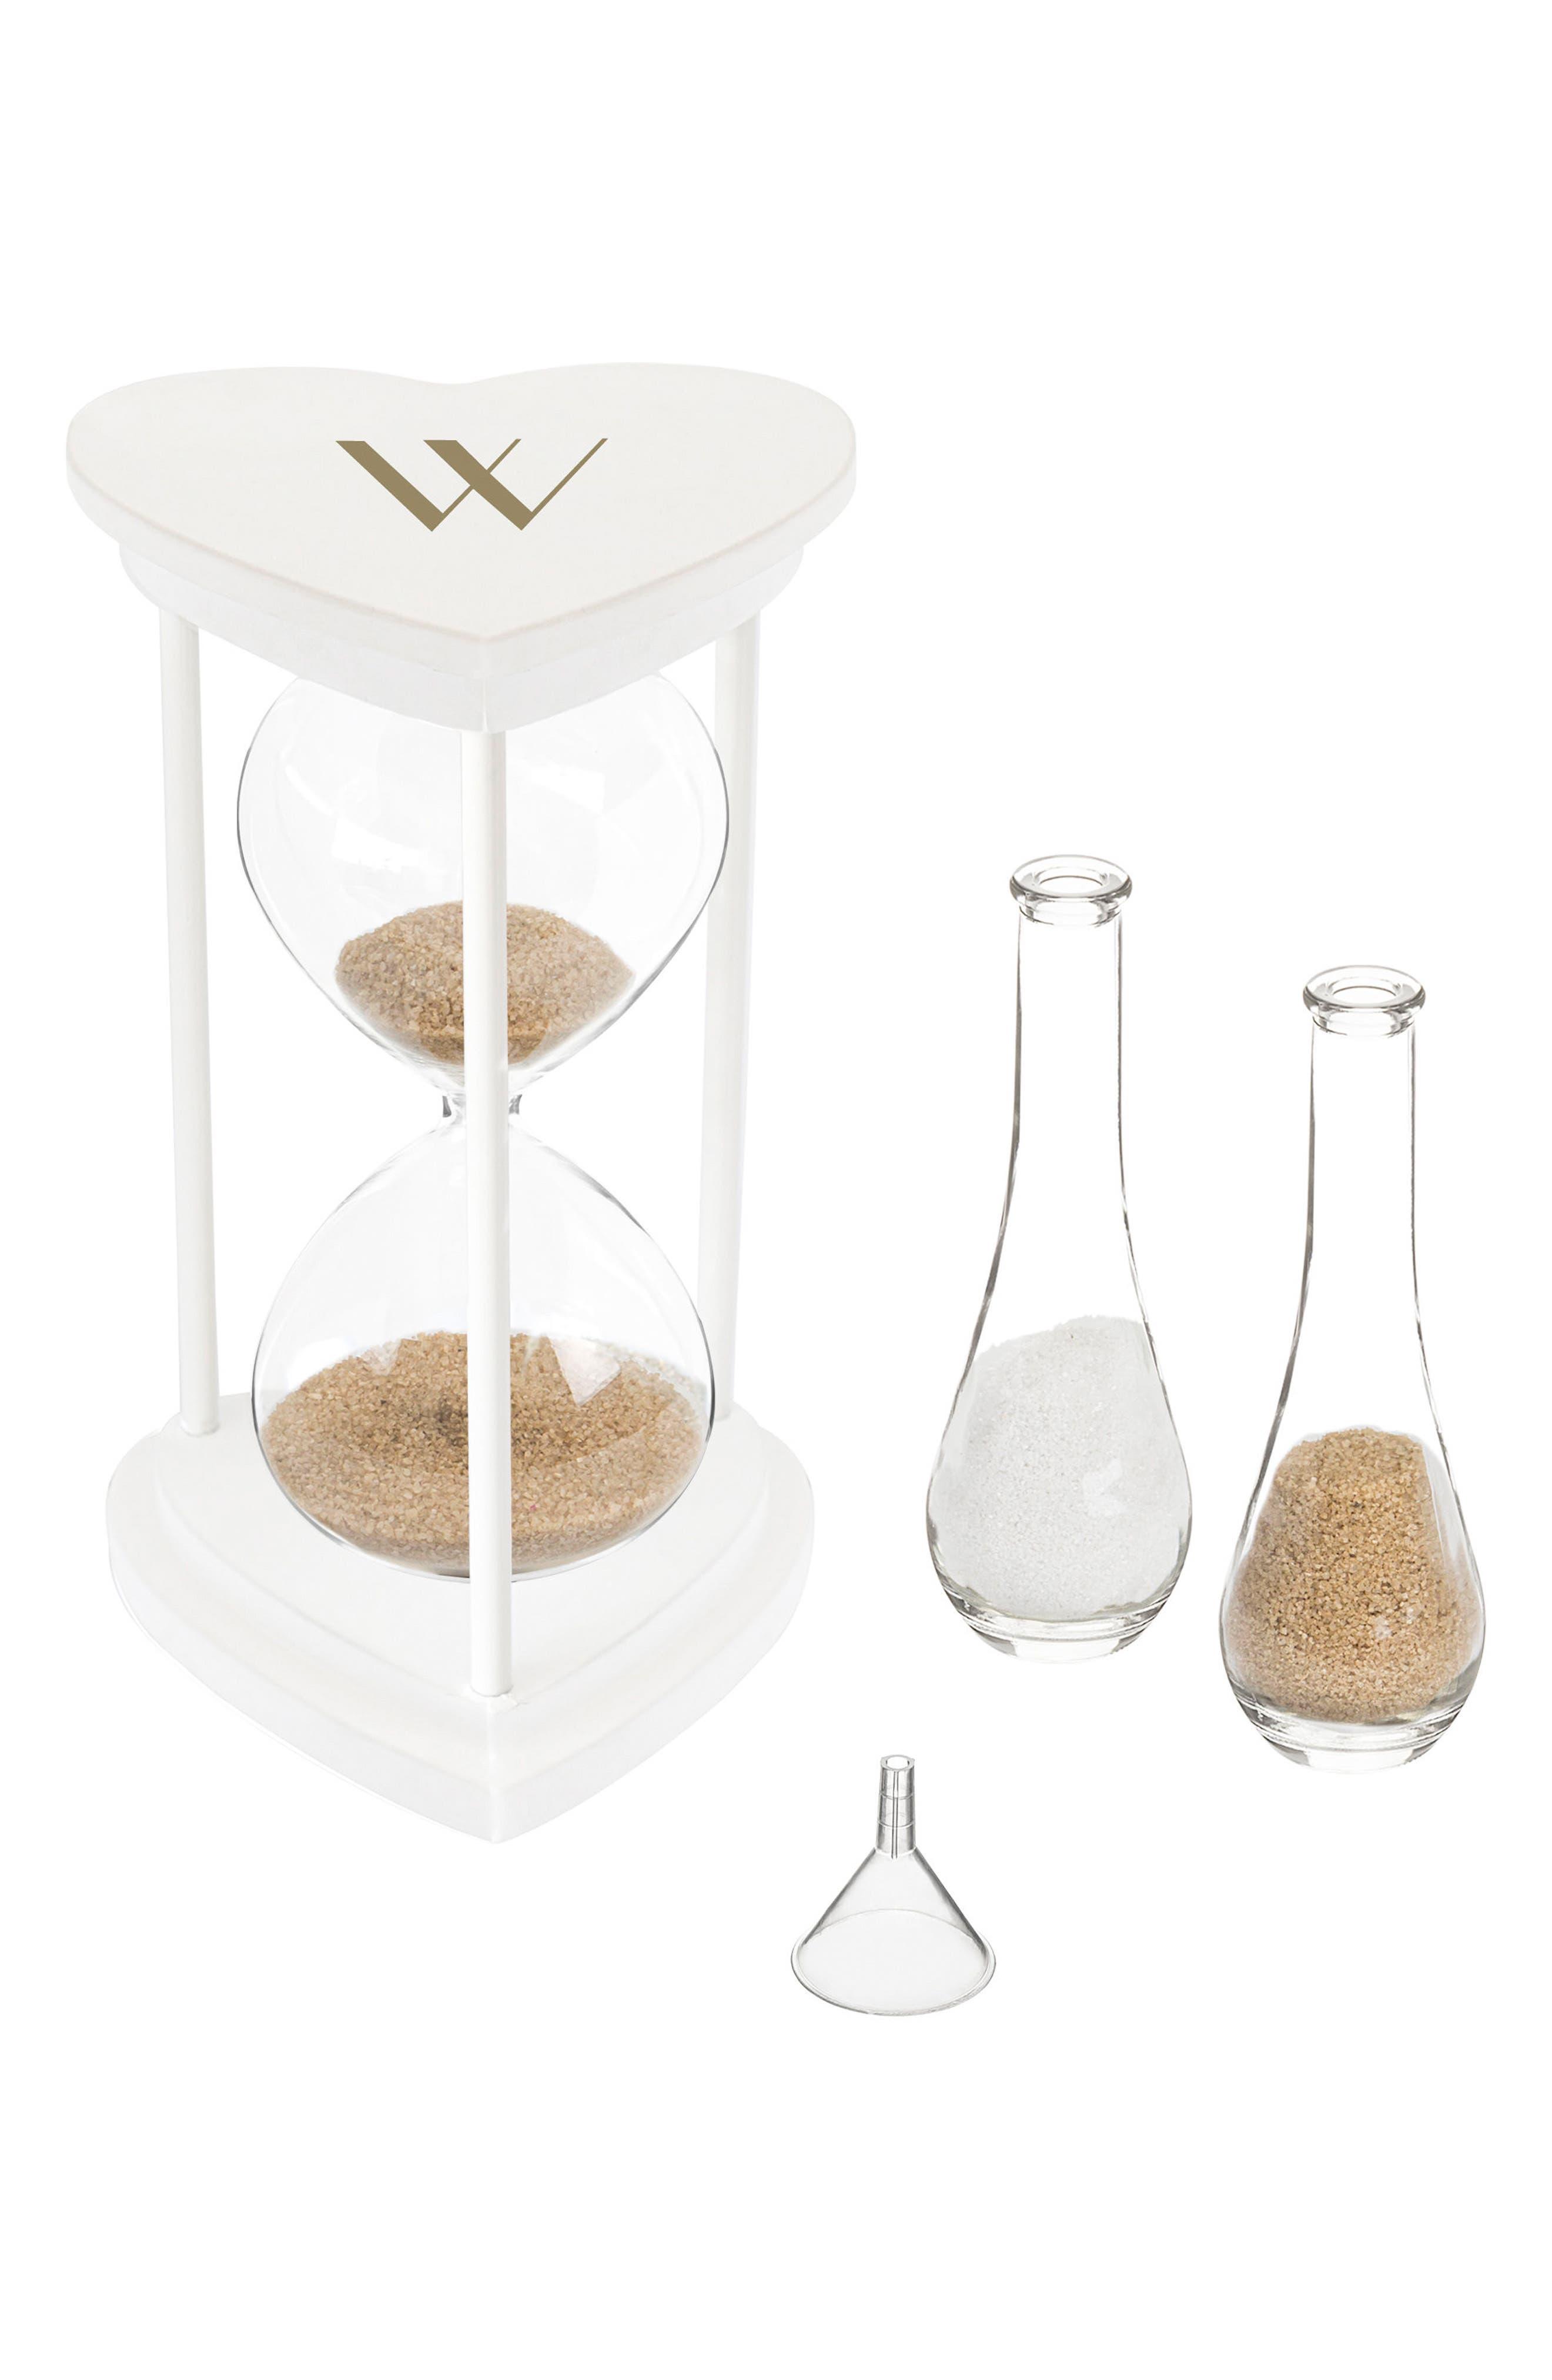 Cathy's Concepts Monogram Unity Sand Ceremony Hourglass Set